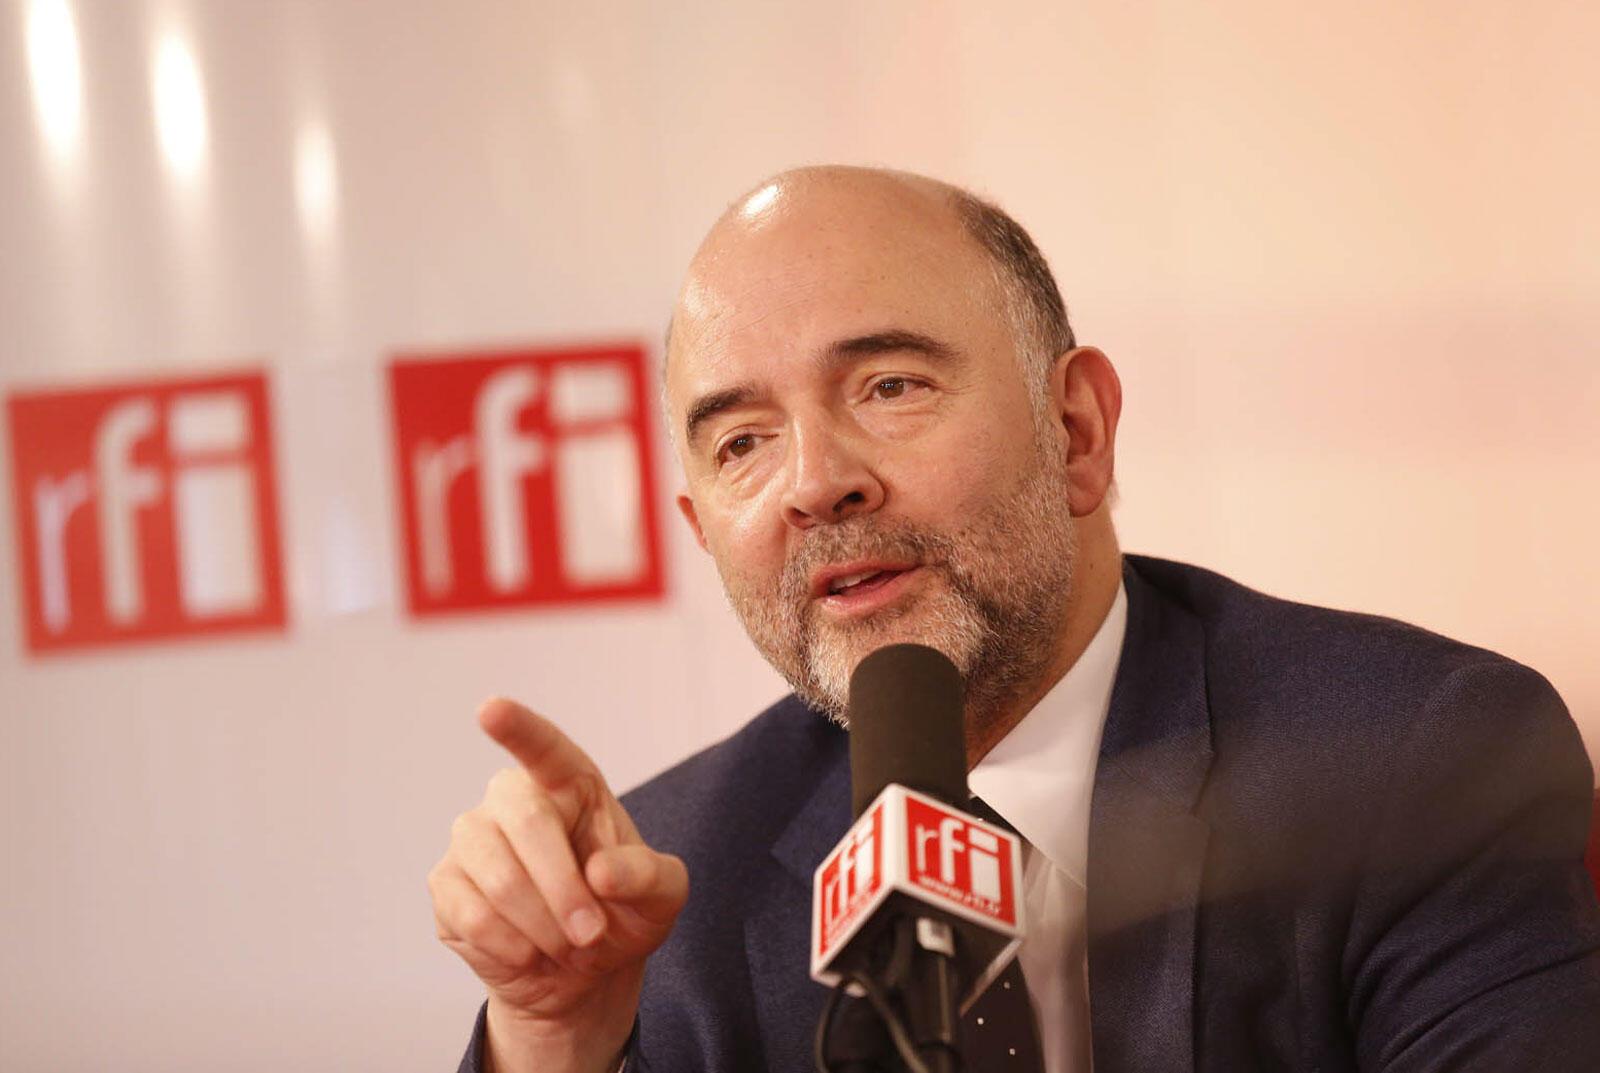 Ủy viên Pierre Moscovici,đặc trách về thuế của Liên Hiệp Châu Âu. Ảnh chụp ngày 12/04/2015 tại phòng thu RFI.